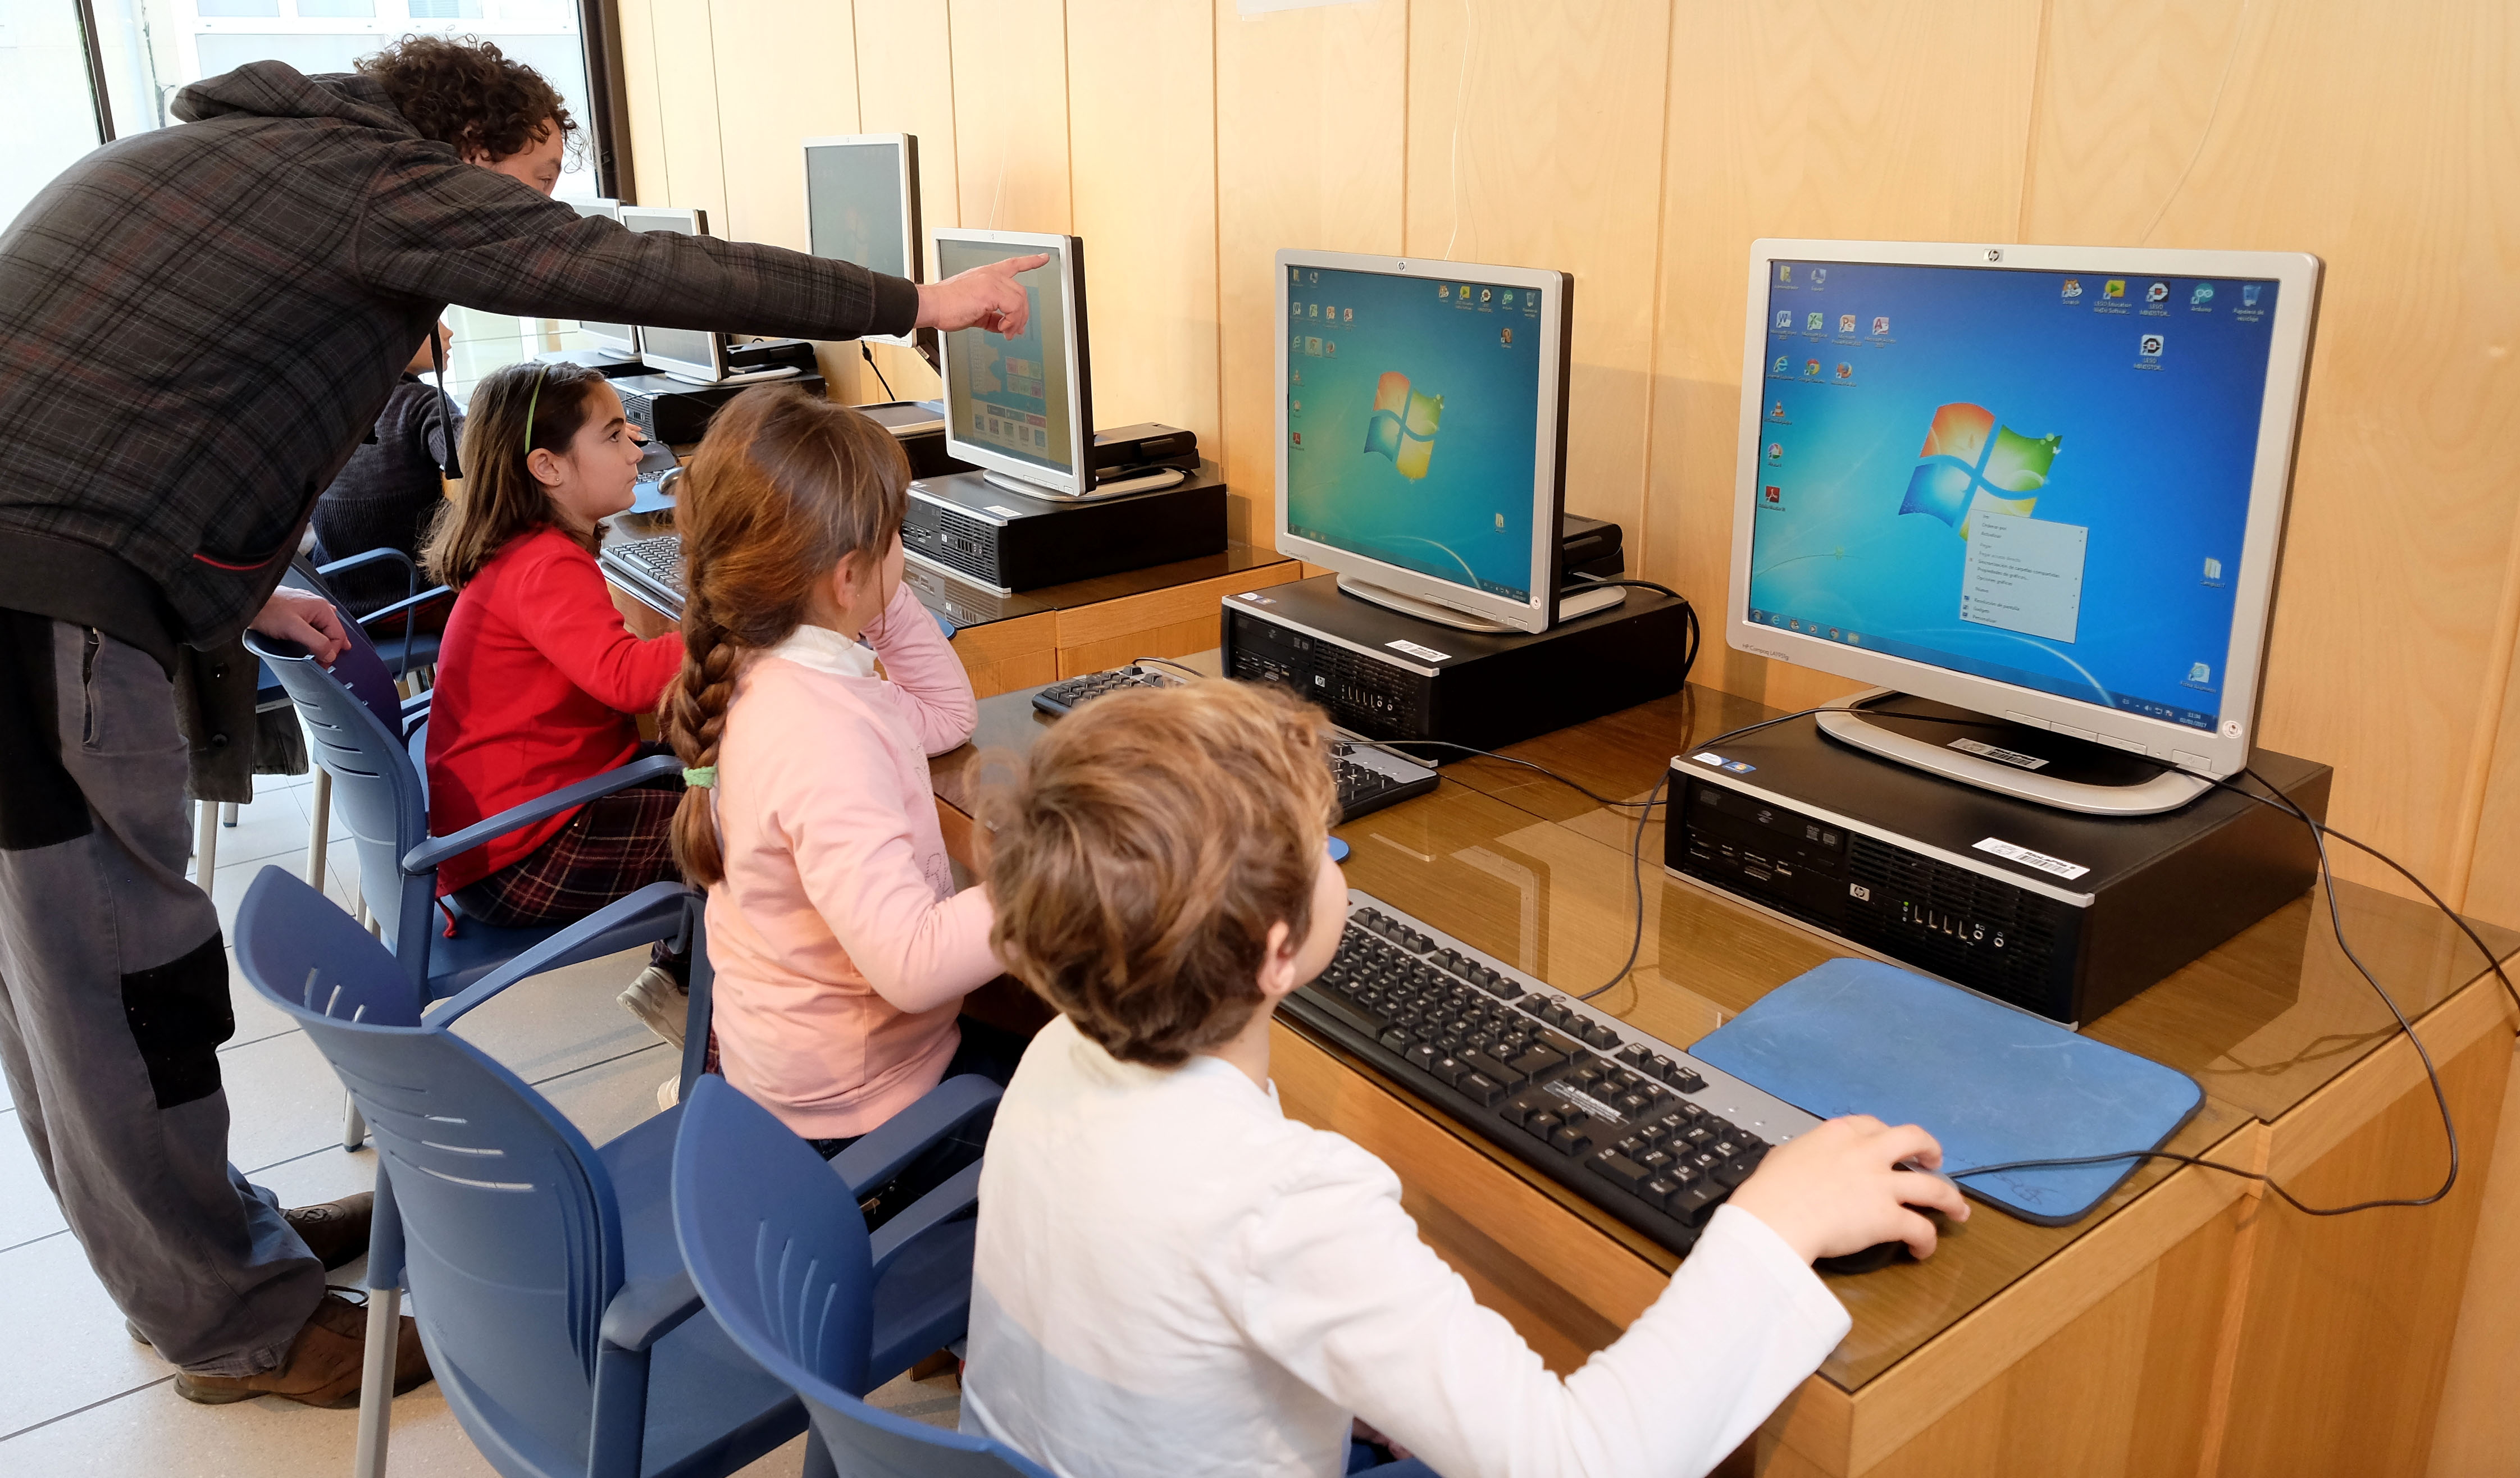 cursos_informatica_para_ninos_-_red_telecentros_0.jpg